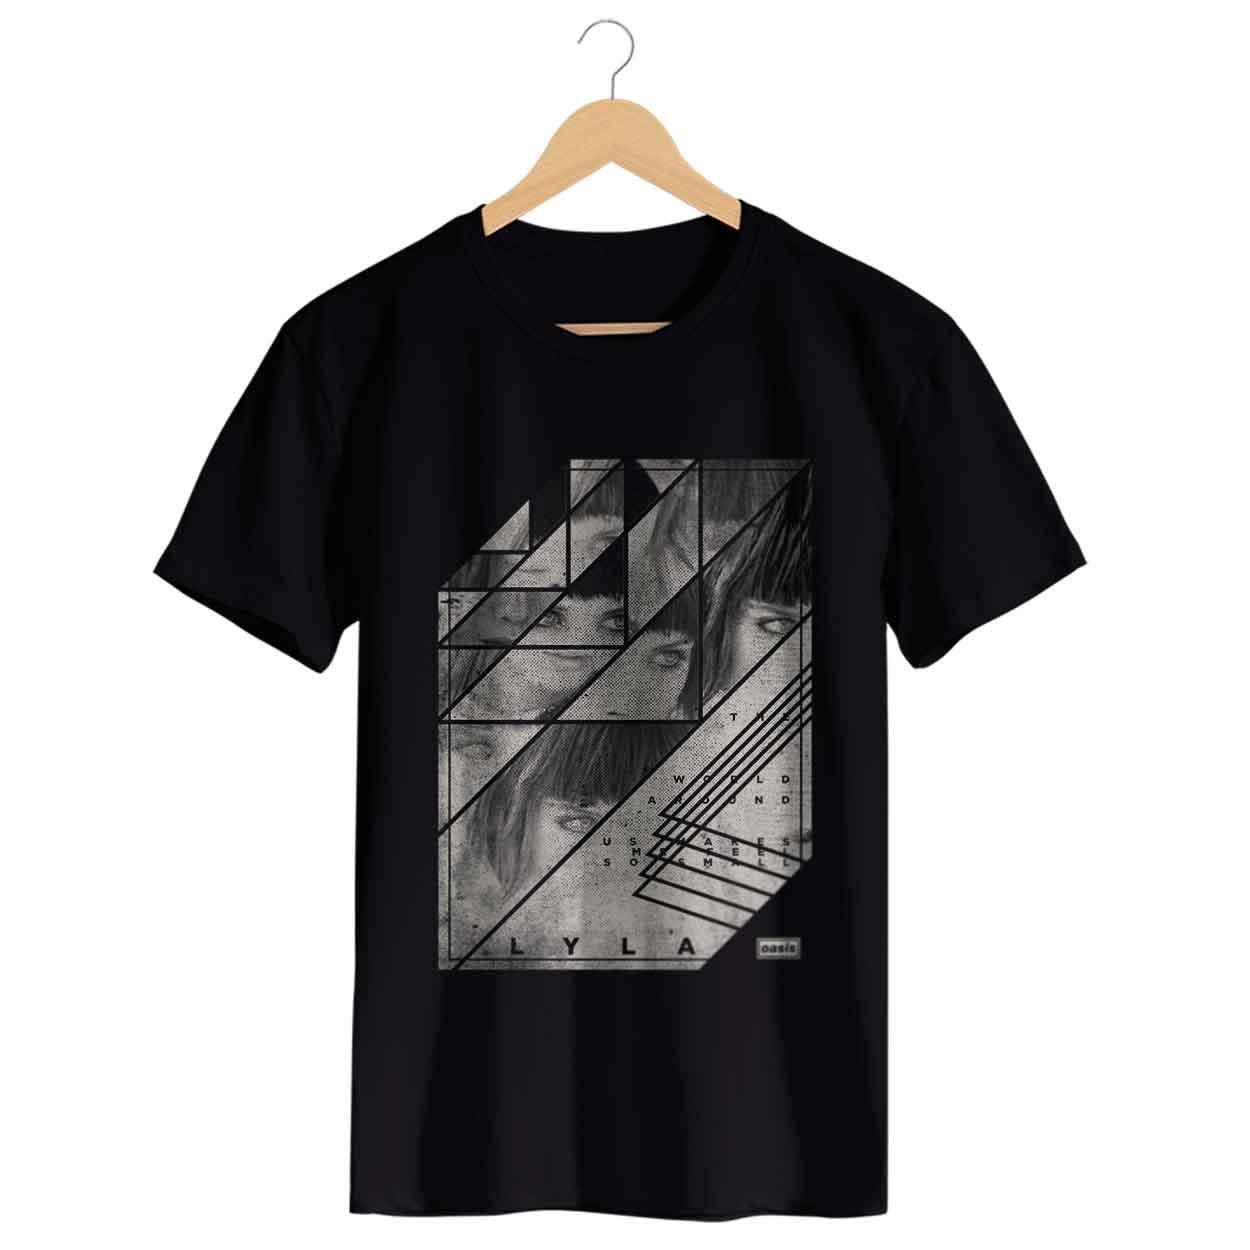 Camiseta - Lyla - Oasis - Masculino